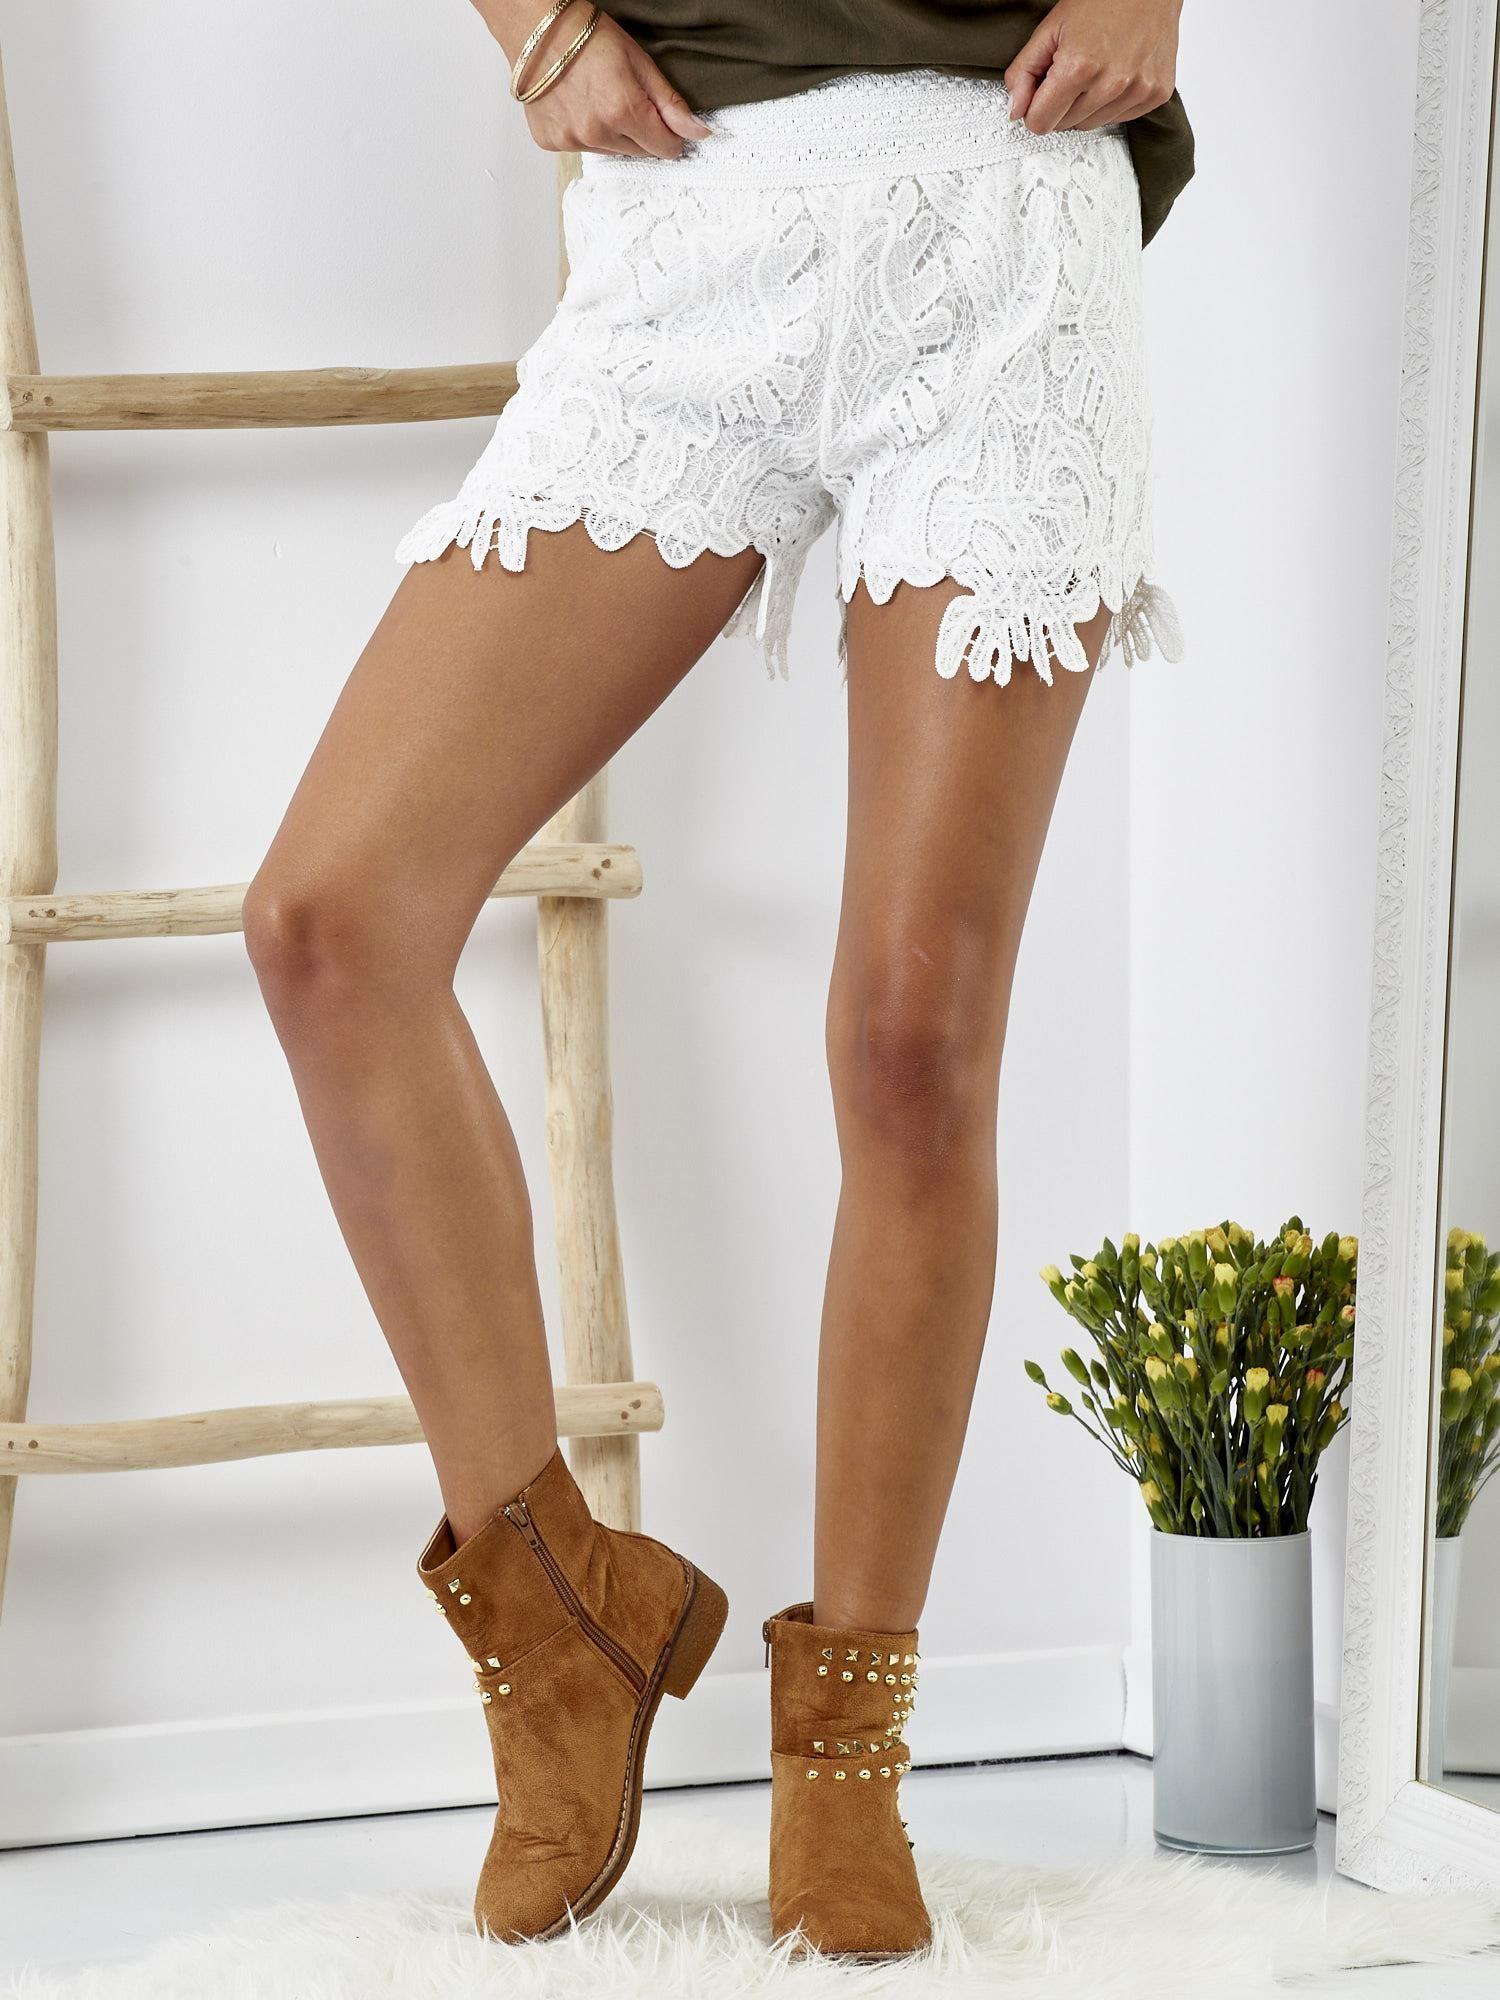 783d8c1cc0dd86 Białe koronkowe szorty - Spodnie szorty - sklep eButik.pl